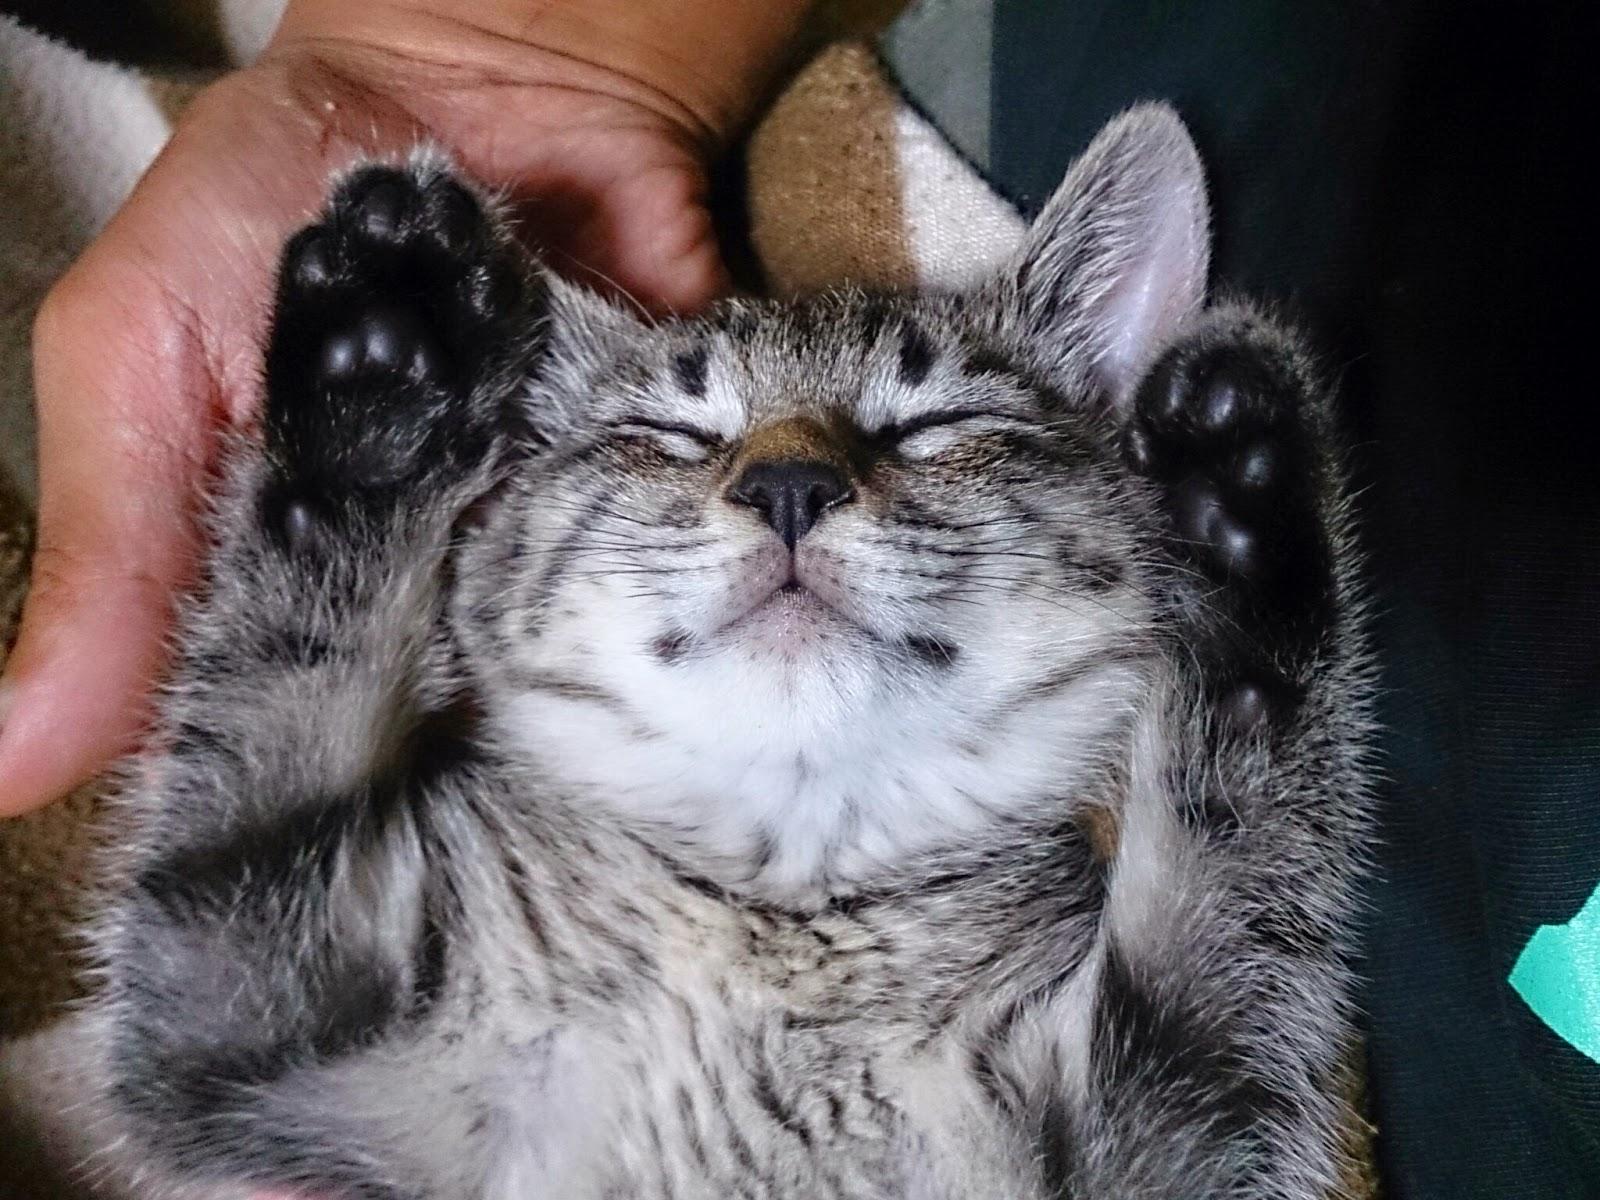 子猫の寝顔 - The sleeping face of the baby cat